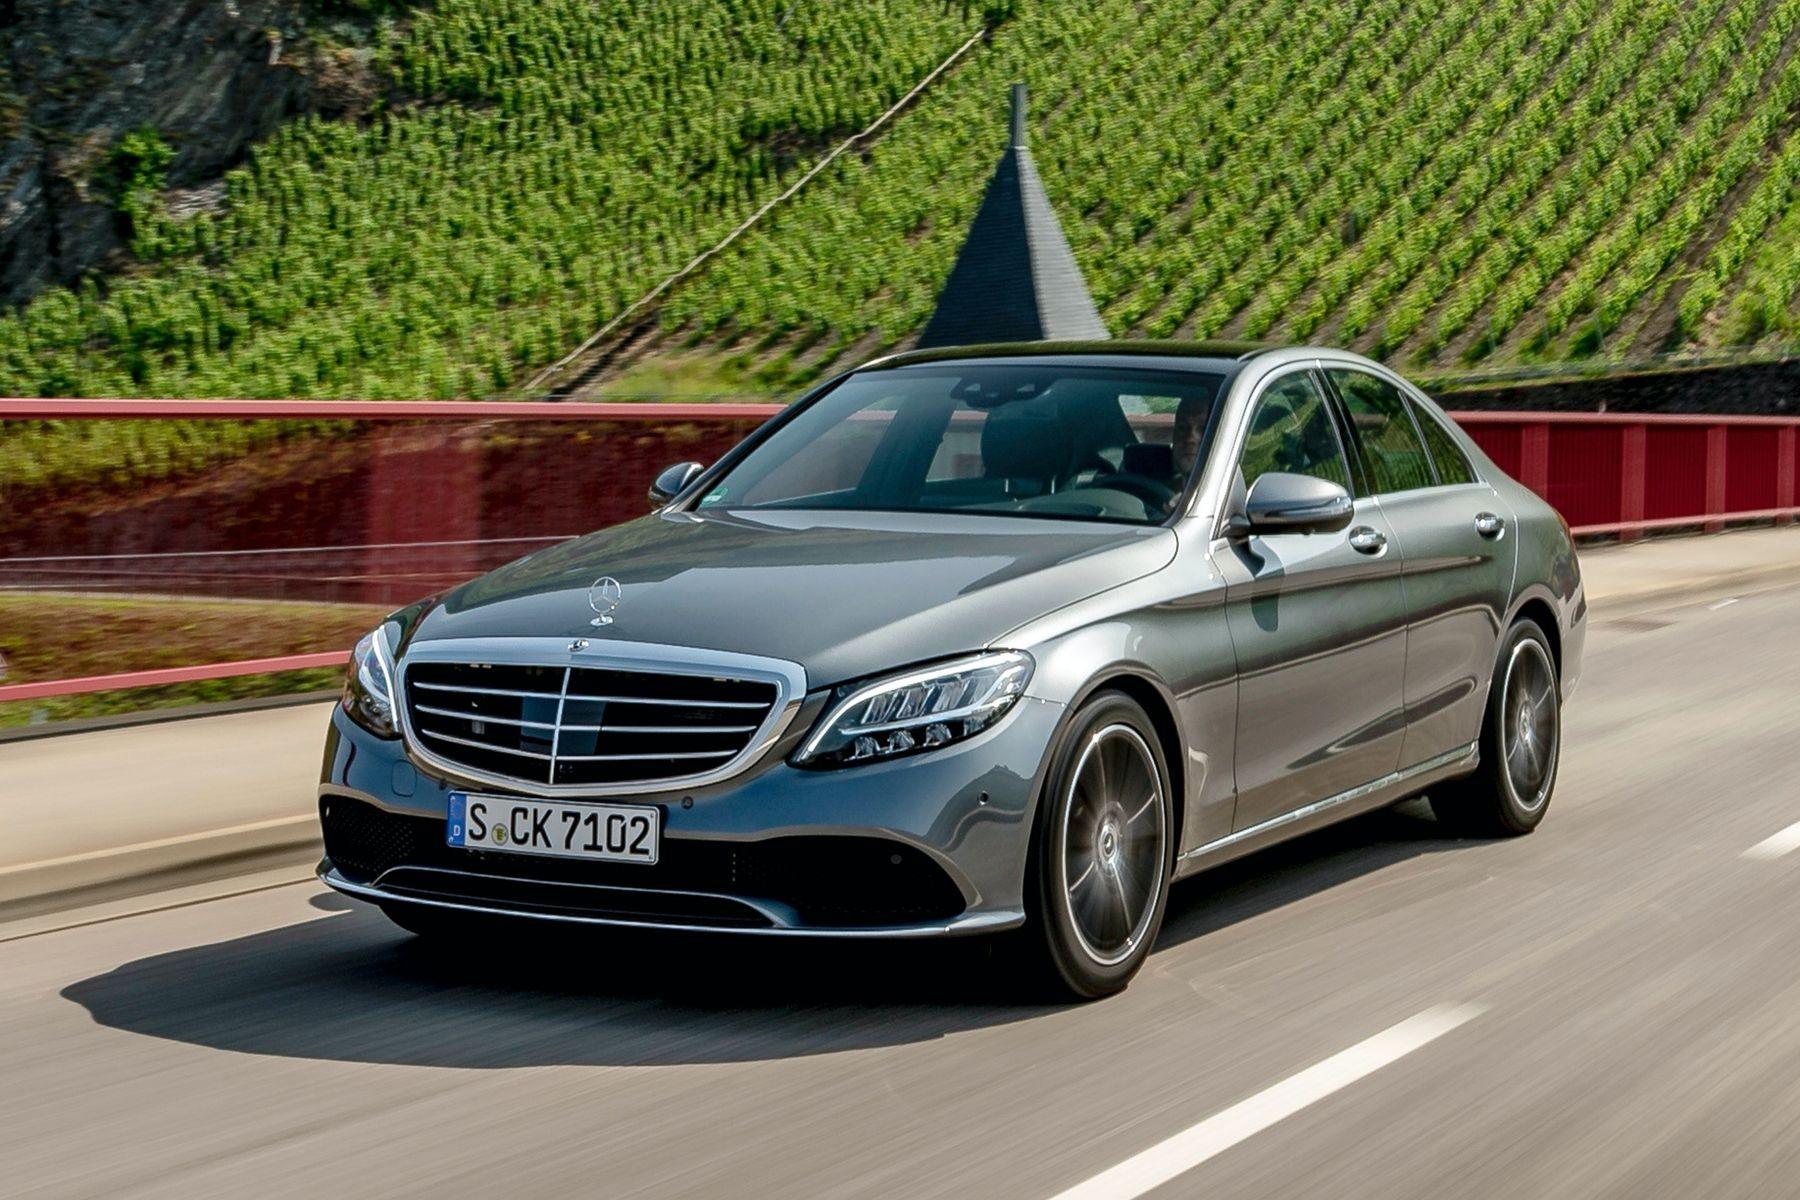 От плохого клея может снести крышу: Mercedes-Benz отзывает в России 4270 автомобилей